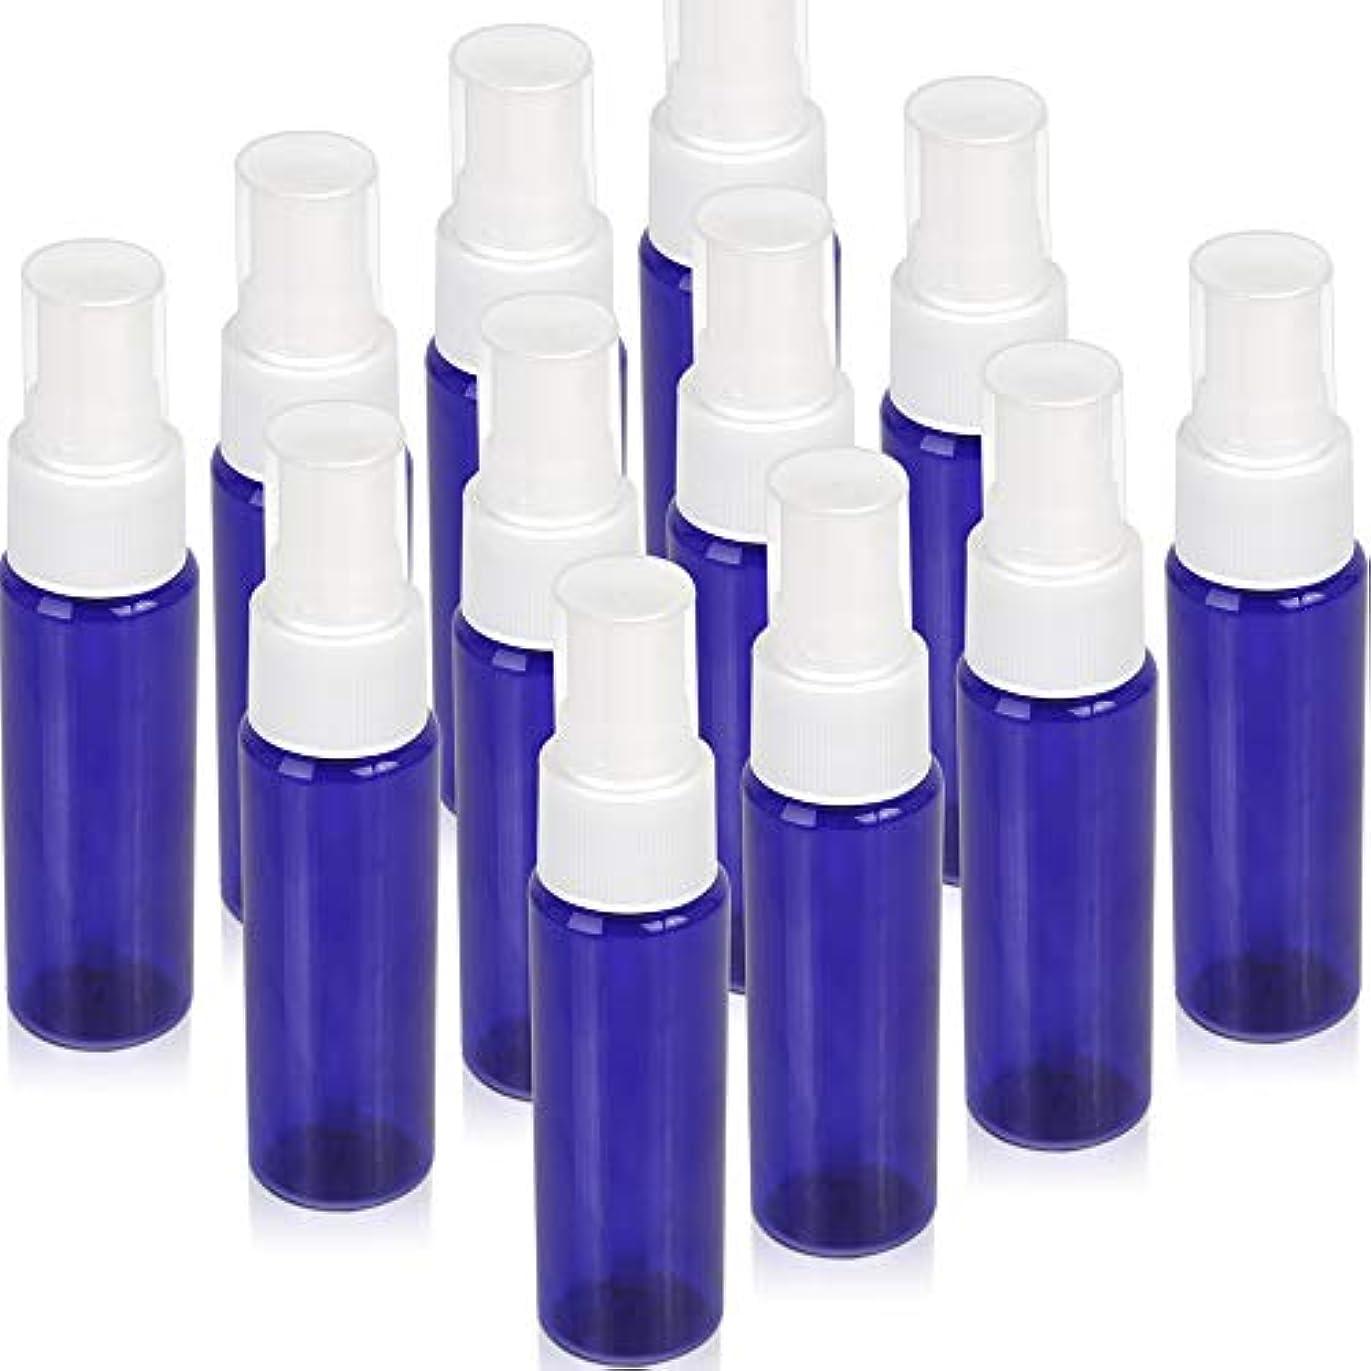 噴出するタワー征服Teenitor スプレーボトル 30ml 12本 霧吹き アトマイザー スプレー容器 アロマスプレー 香水スプレー 詰め替え容器 キャップ付 青色 PET製